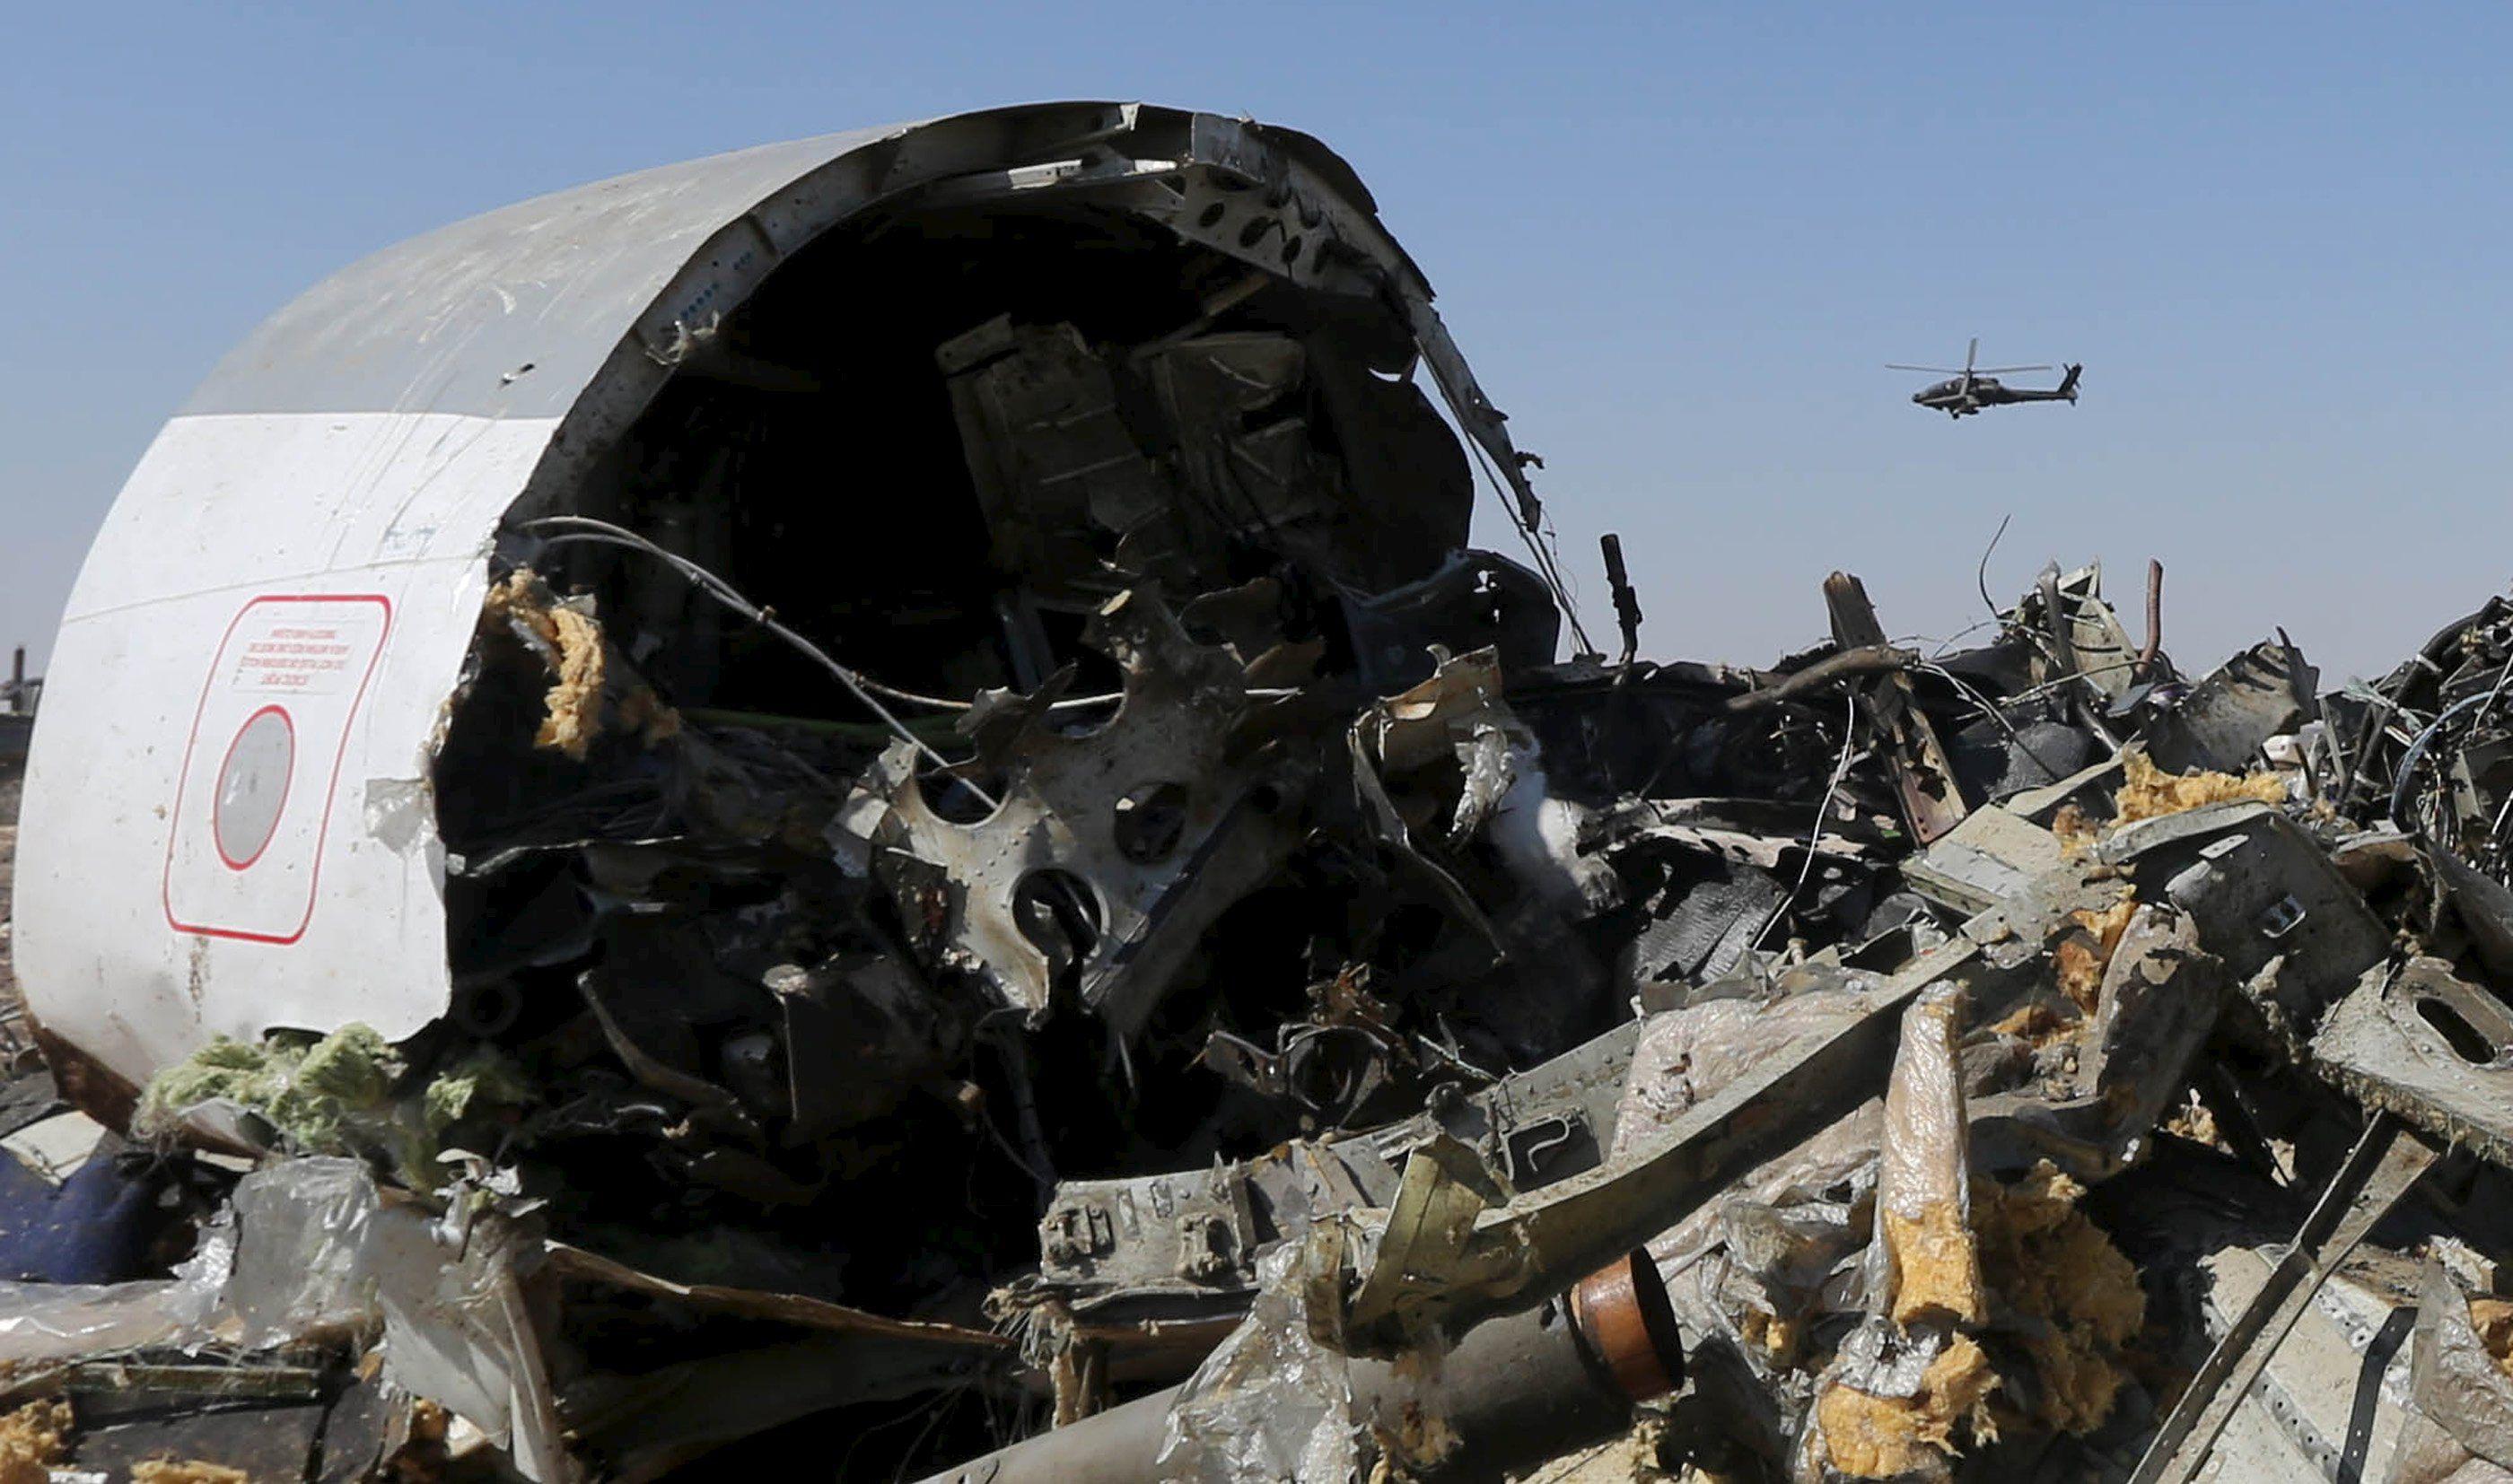 Обломки российского самолета на Донбассе, иллюстрация